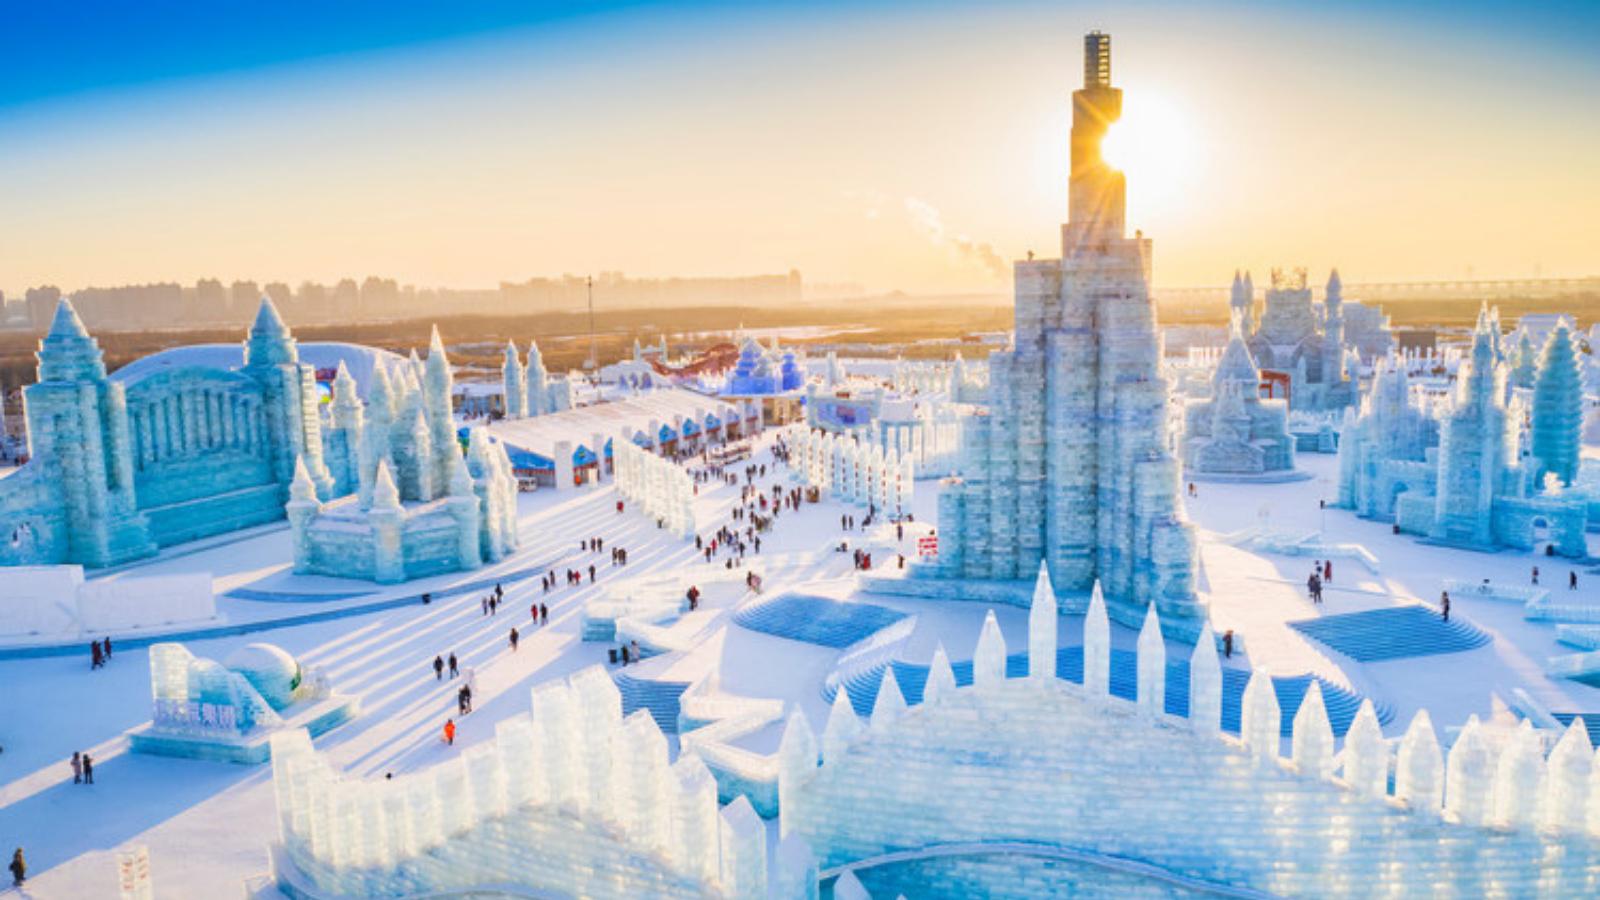 Lễ hội điêu khắc băng tuyết Cáp Nhĩ Tân, Trung Quốc